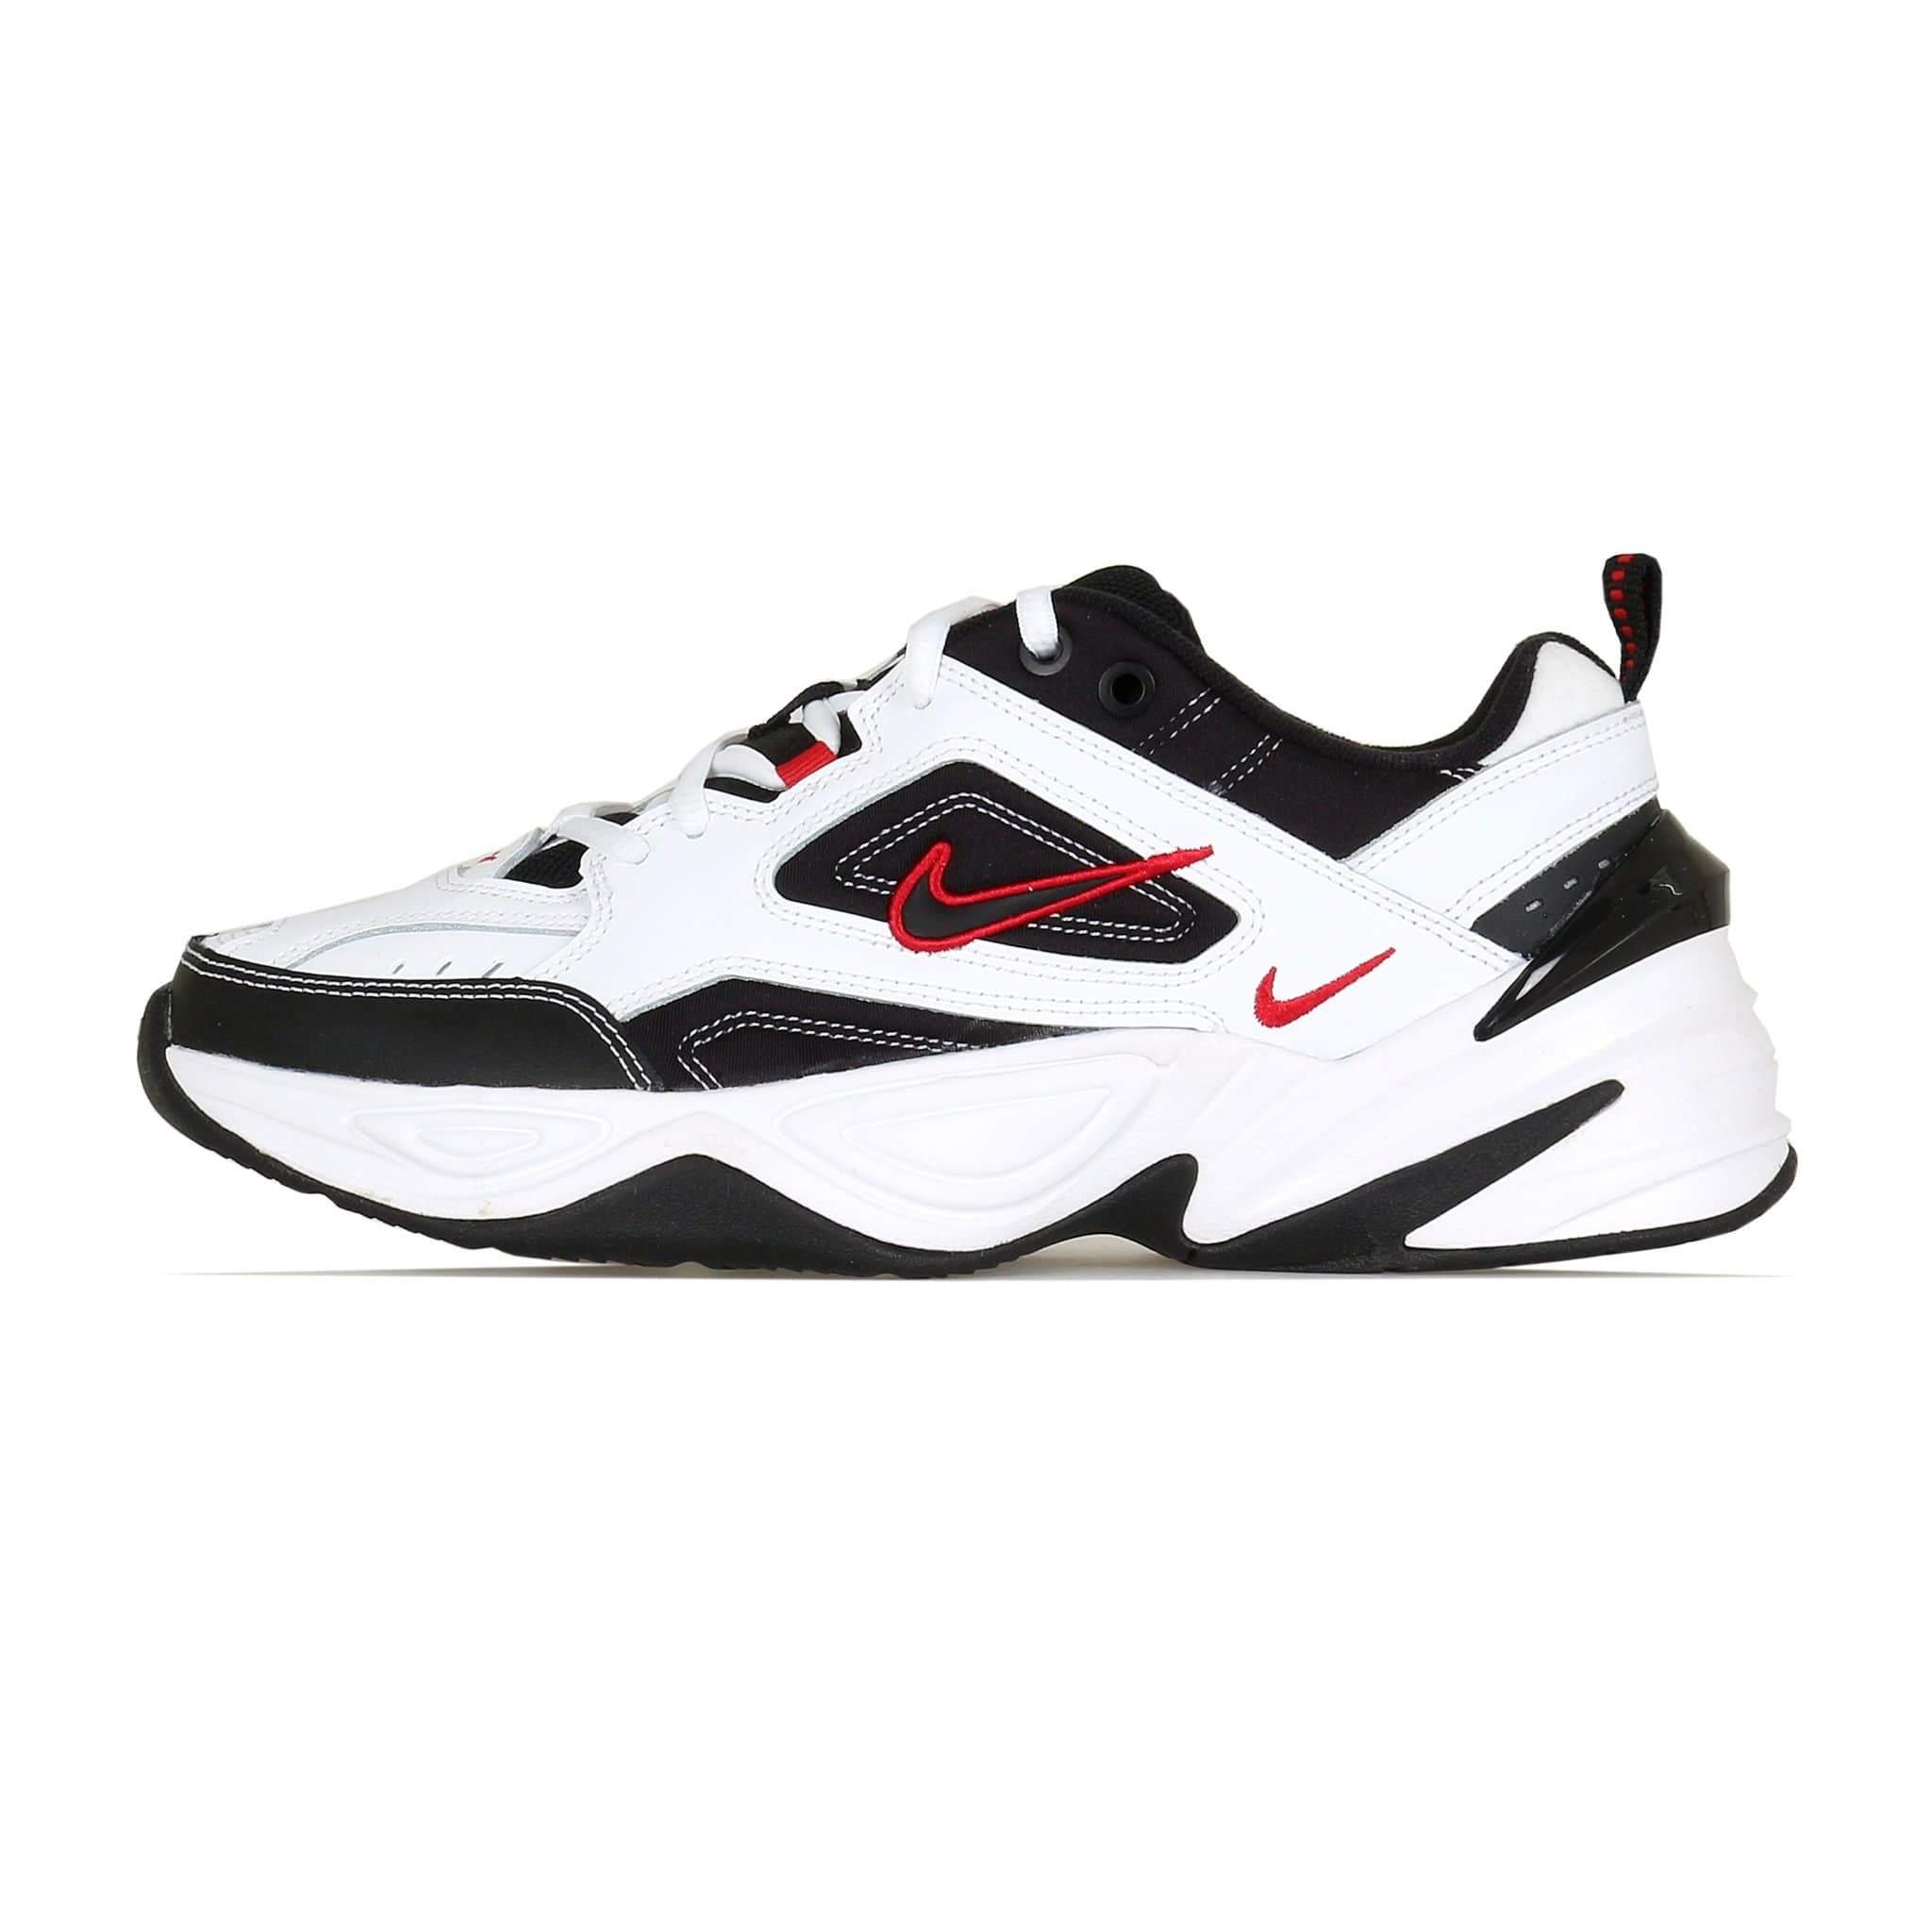 Nike M2k Tekno Monarch White Black University Red Uk 8 White Nikes Nike Jeans Store